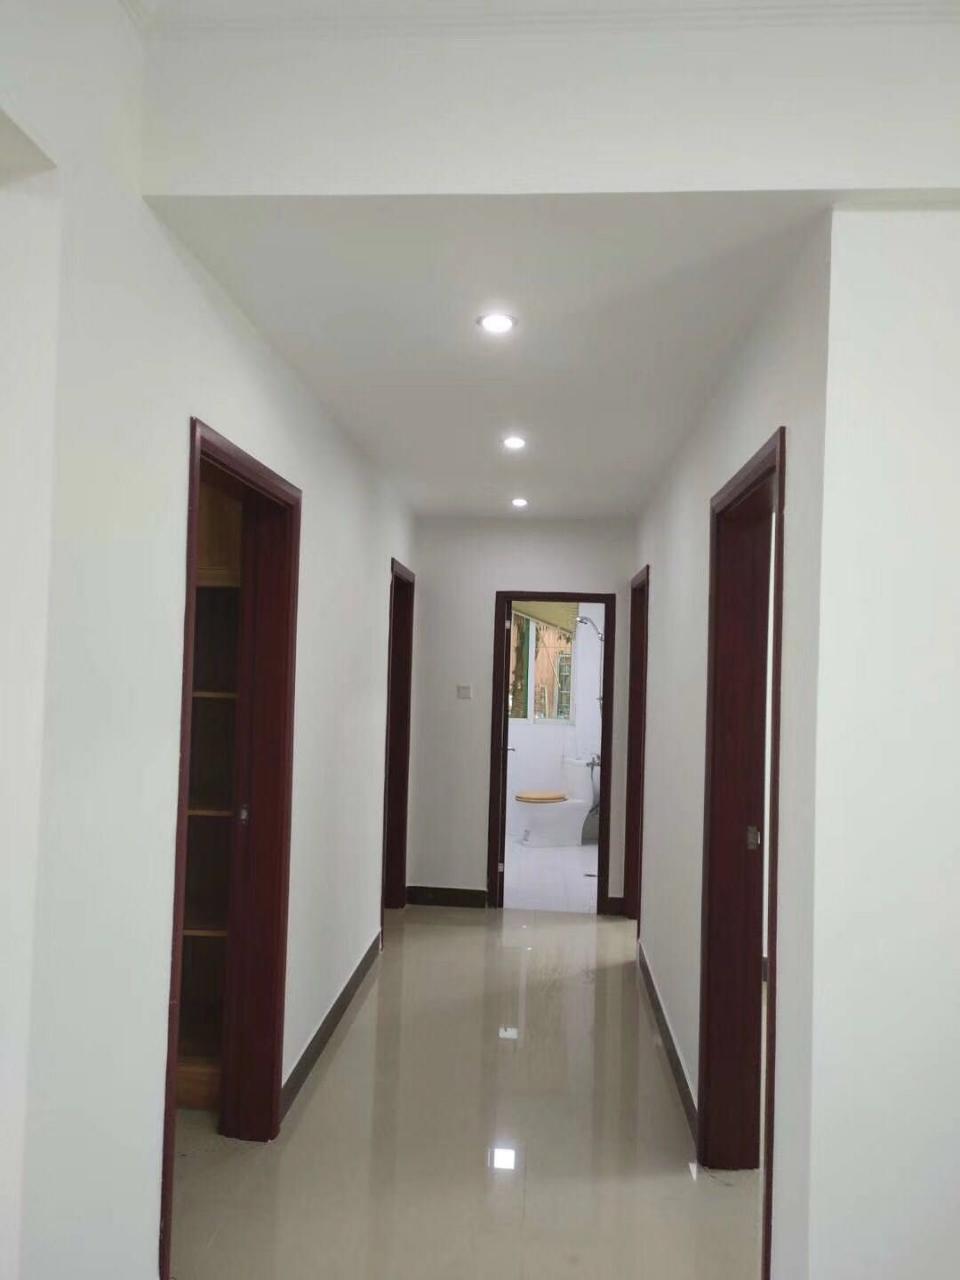 京博雅苑4室2厅2卫仅售9200/平